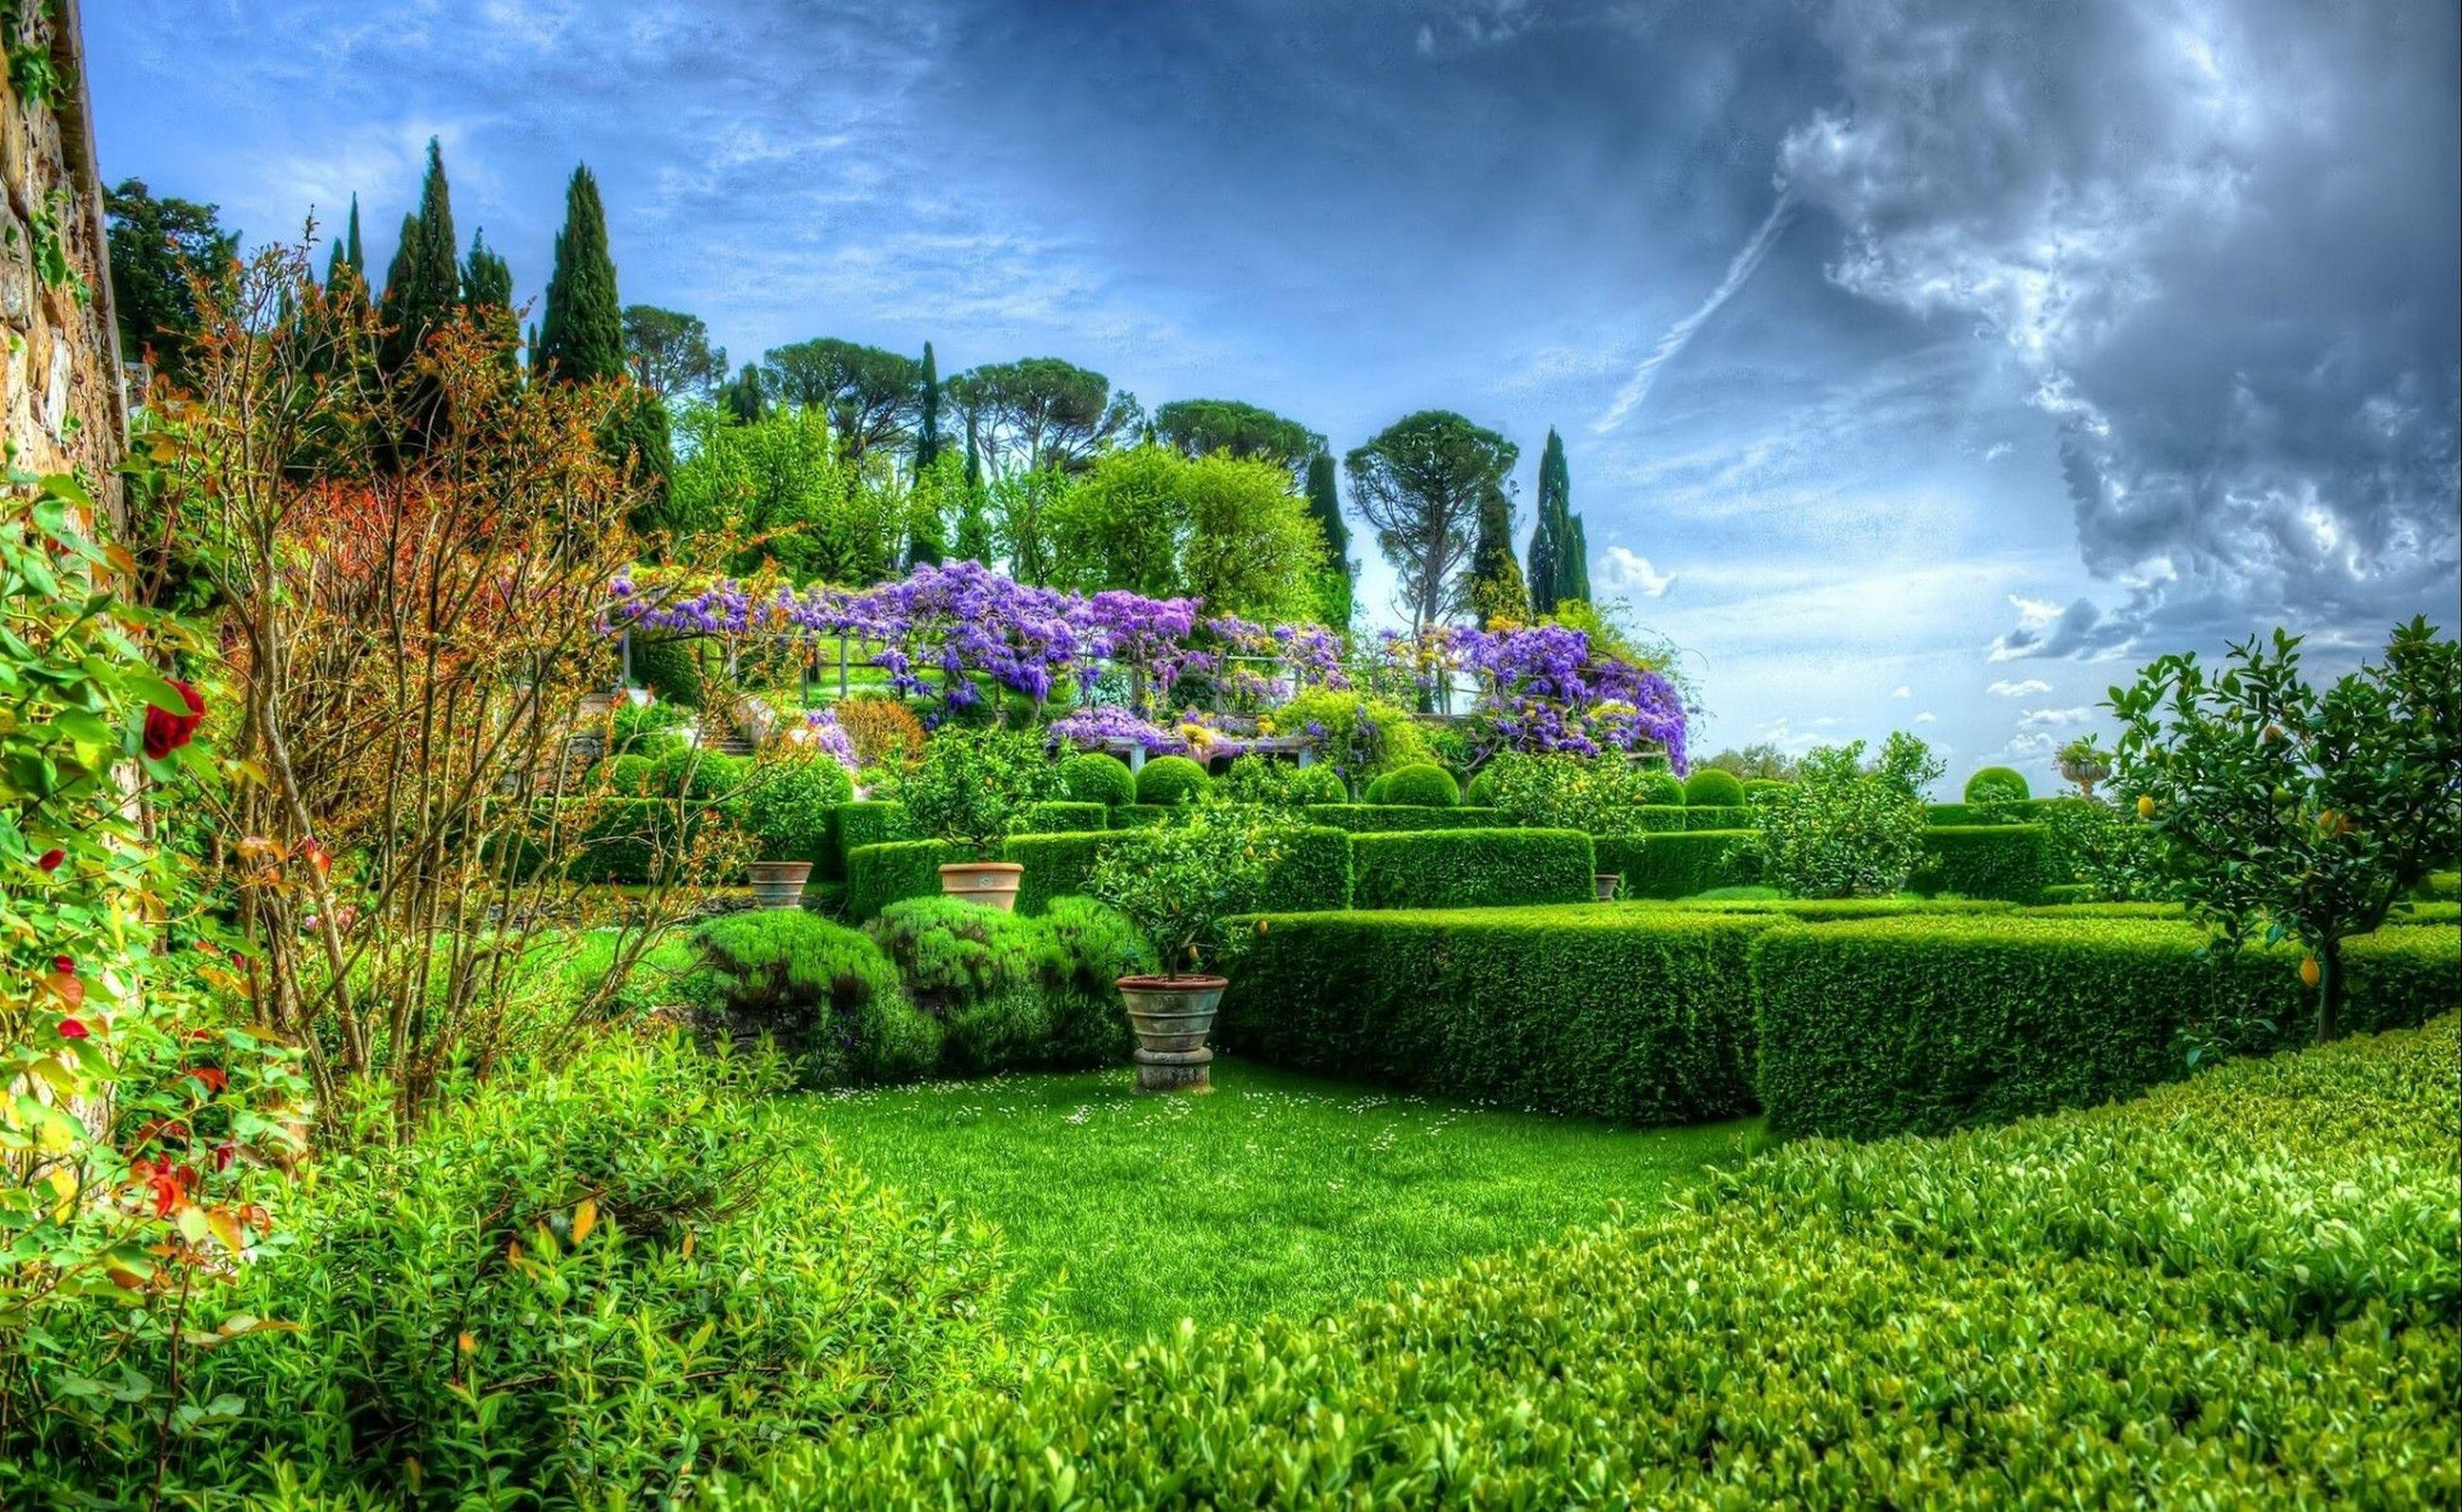 каждой сад в облаках картинки тля заселяет все